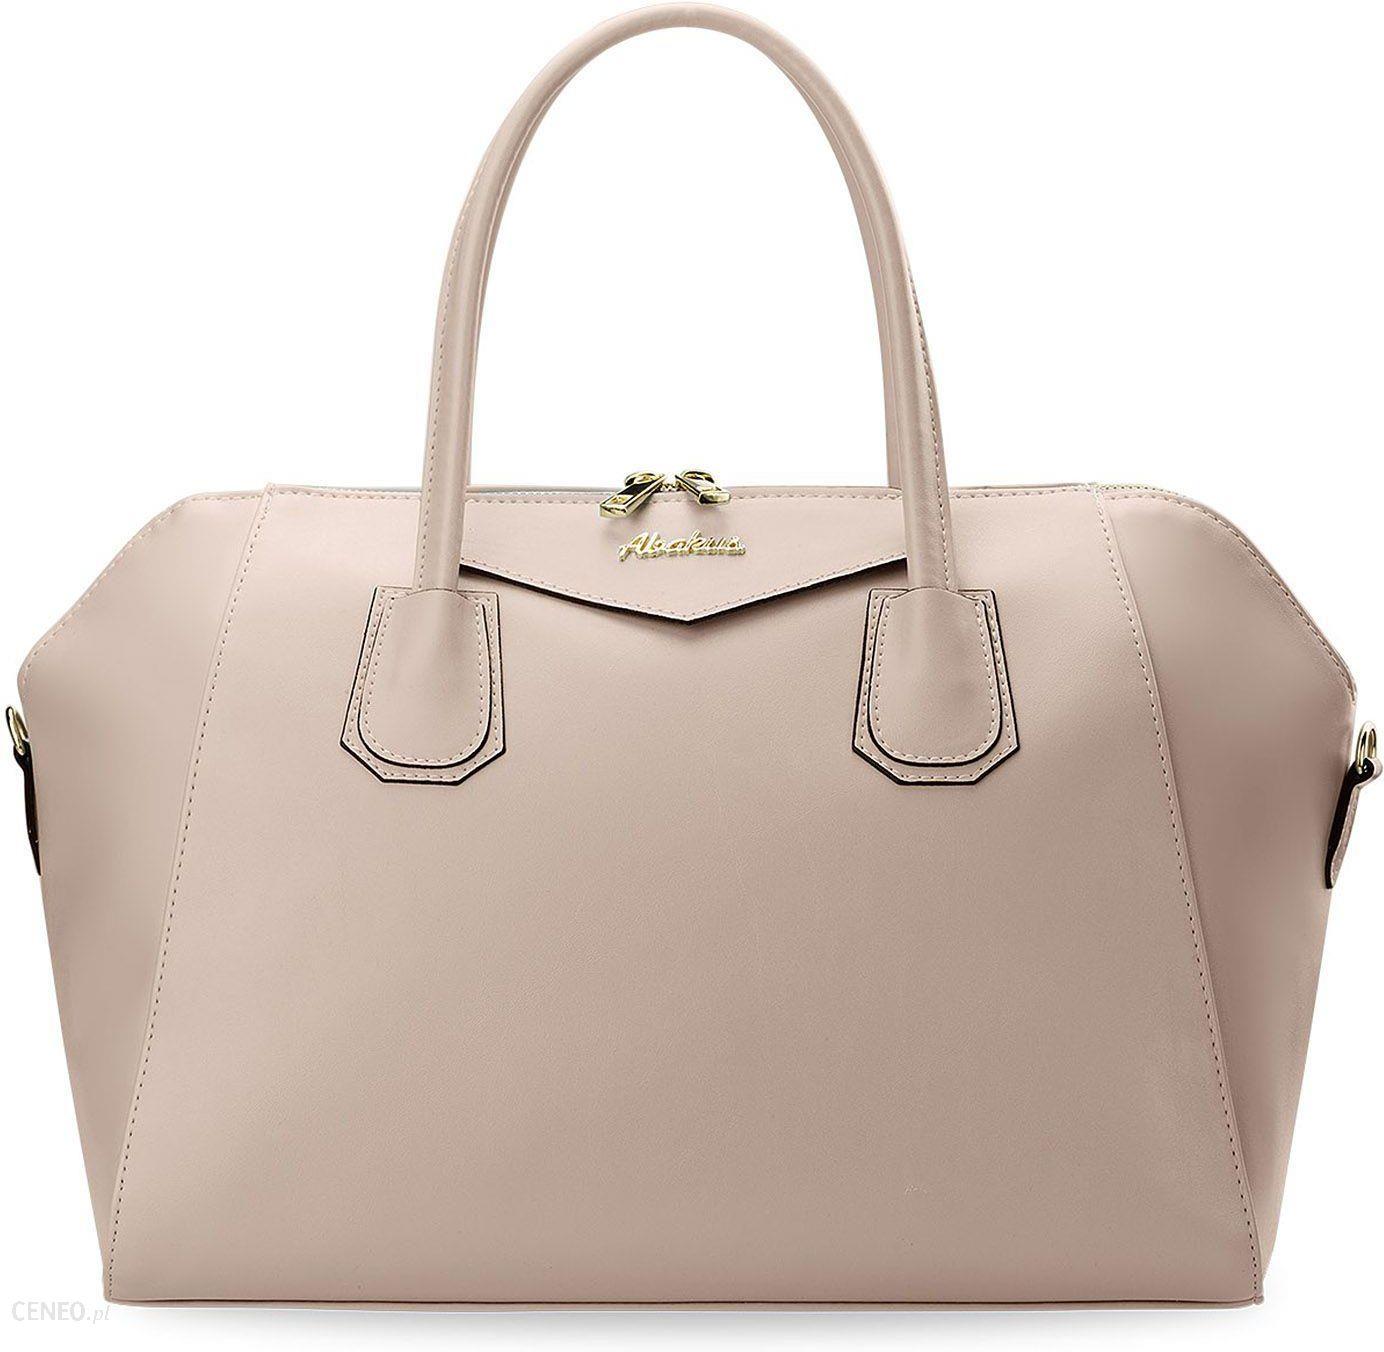 b432900d71e57 Kuferek damski torebka abakus polska marka światowy styl - pudrowy róż -  zdjęcie 1